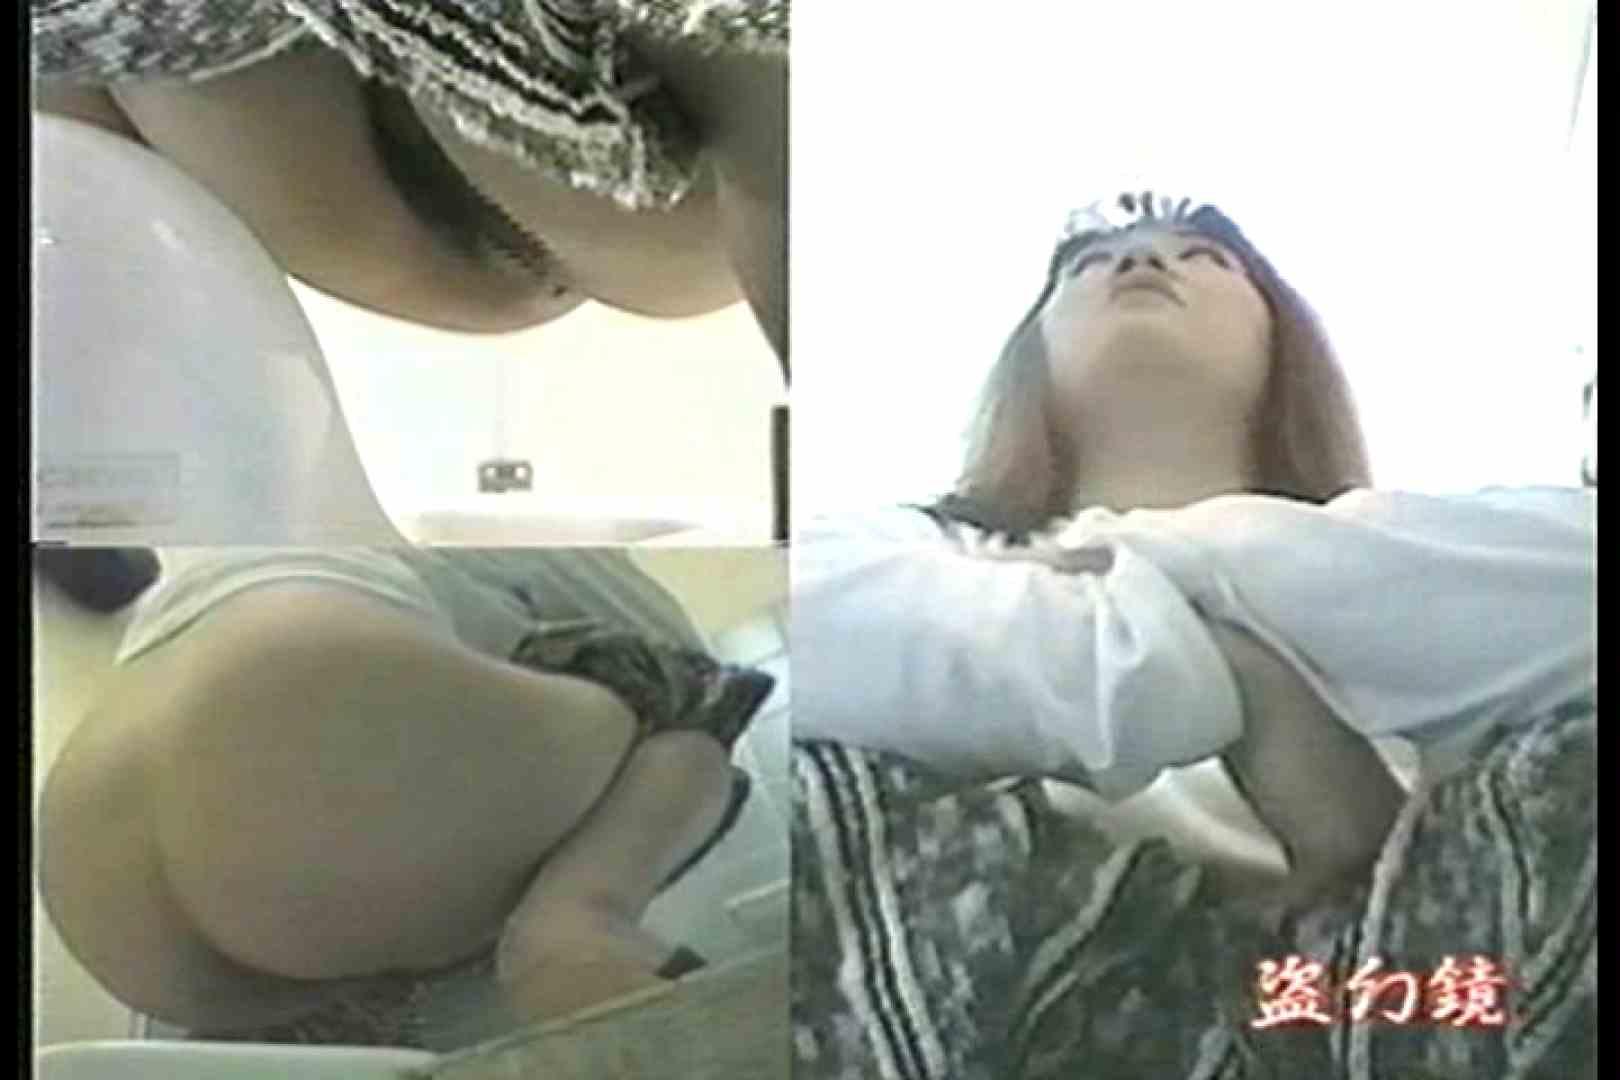 洗面所羞恥美女んMV-2 肛門   美女  19pic 7